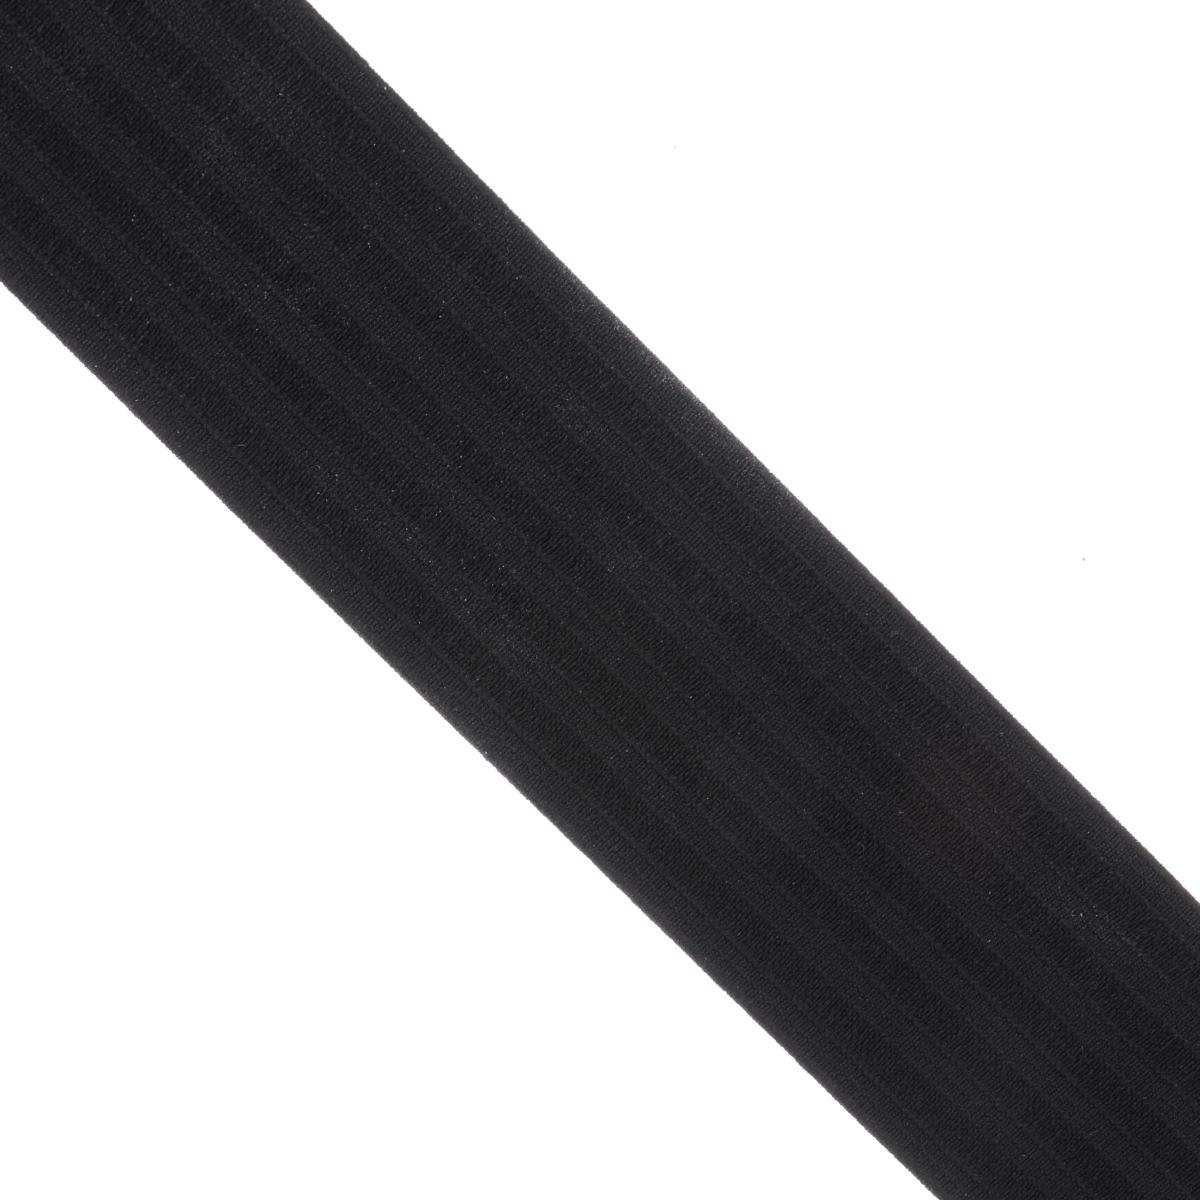 Лента эластичная Prym, для уплотнения шва, цвет: черный, ширина 4 см, длина 10 м693544Эластичная лента Prym предназначена для уплотнения шва. Выполнена из полиэстера (80%) и эластомера (20%). Ткань прочная, стабильная, облегчает равномерное притачивание внутренней отделки.Длина ленты: 10 м.Ширина ленты: 4 см.